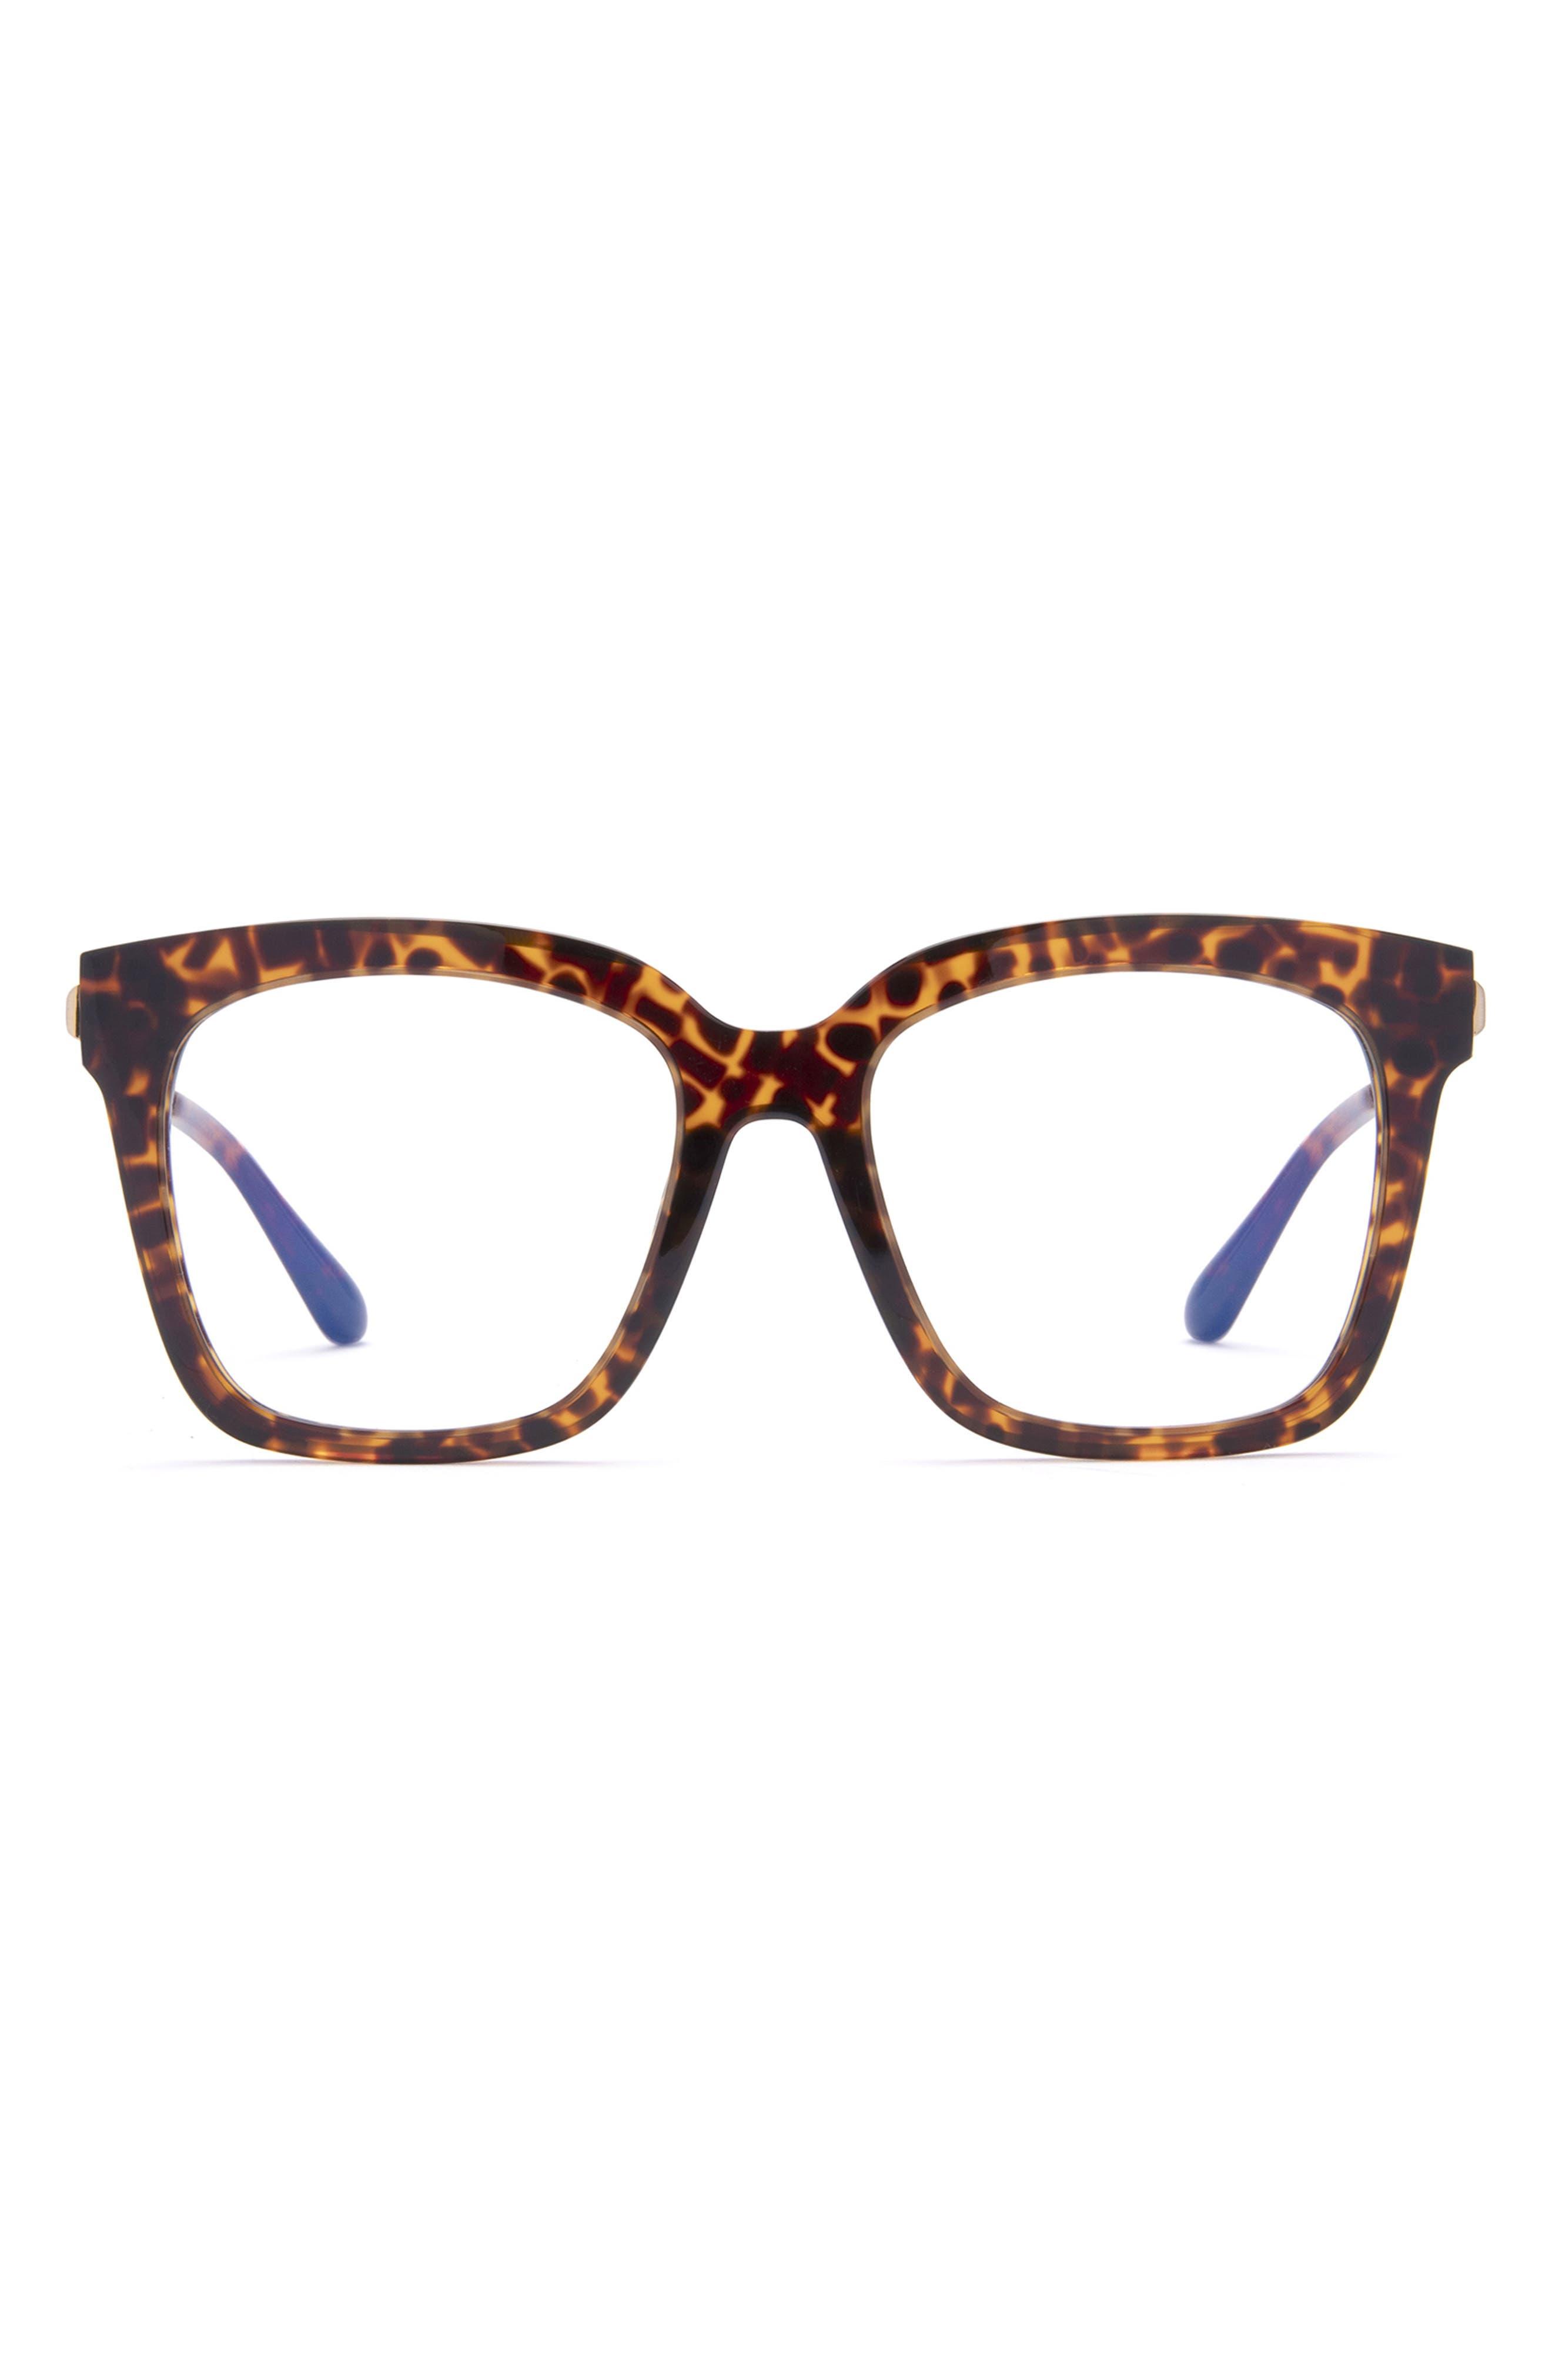 54mm Bella Optical Glasses